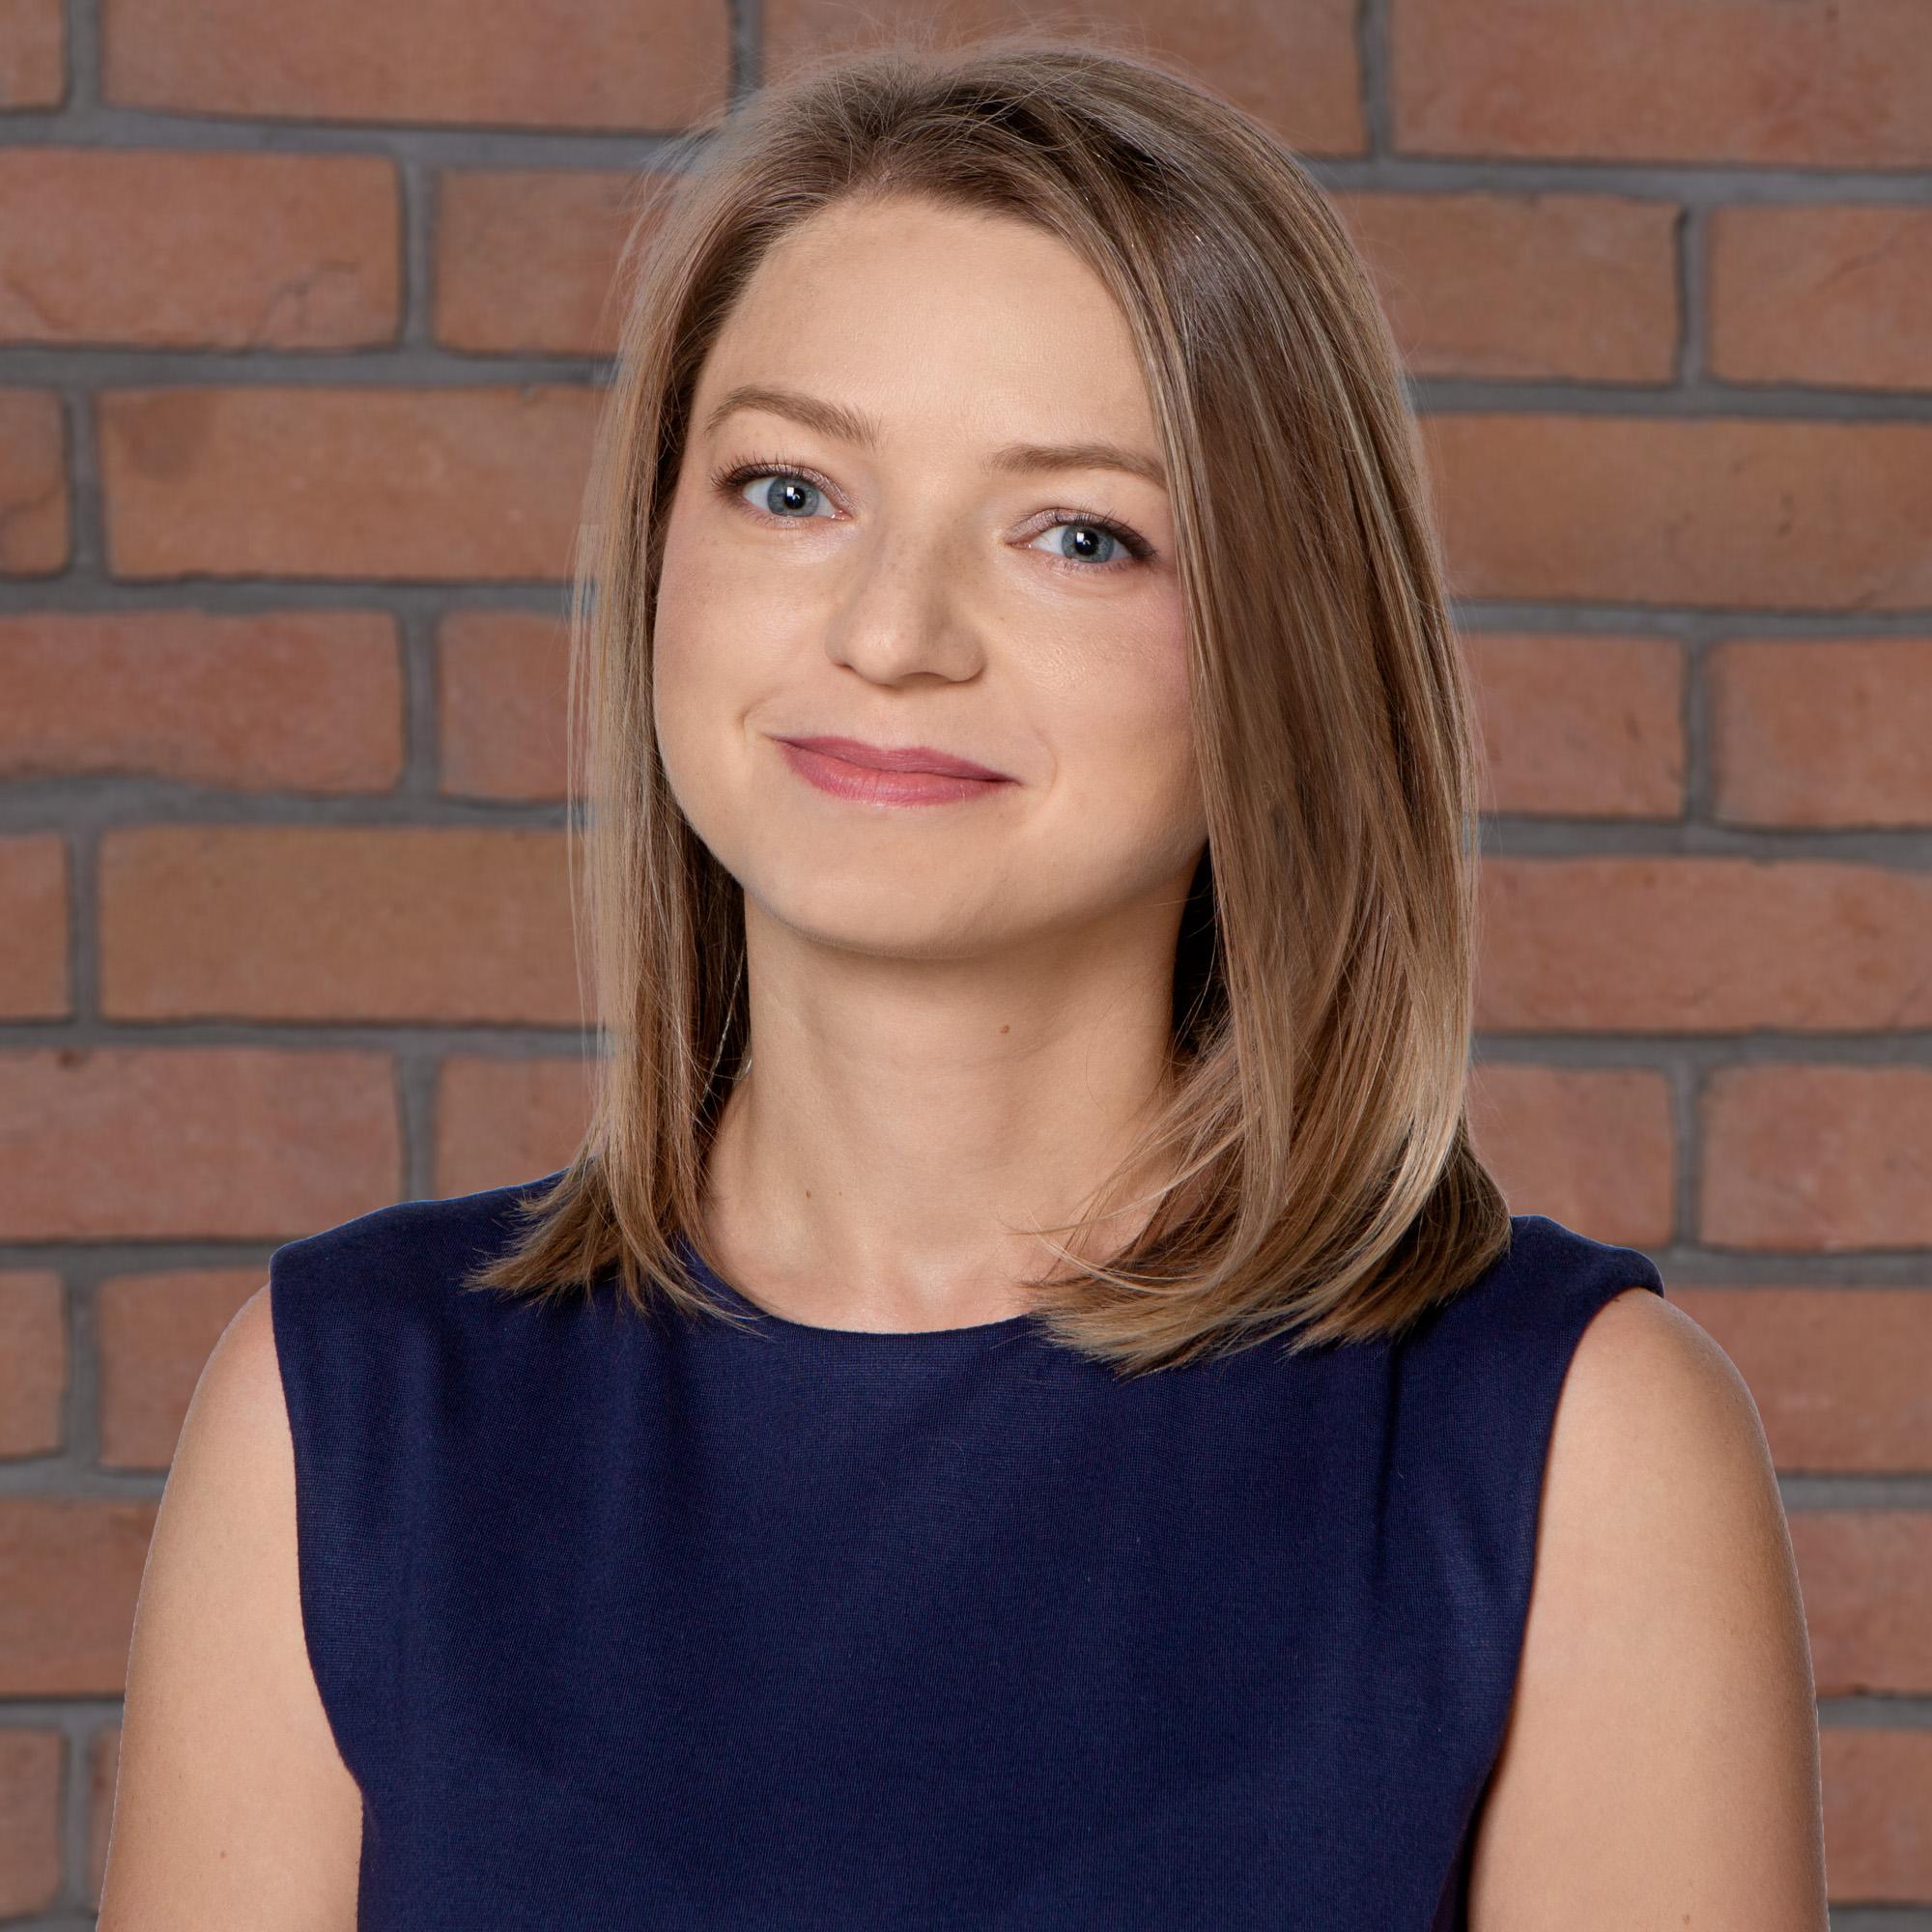 Prywatny: dr Katarzyna Pfeifer – Chomiczewska